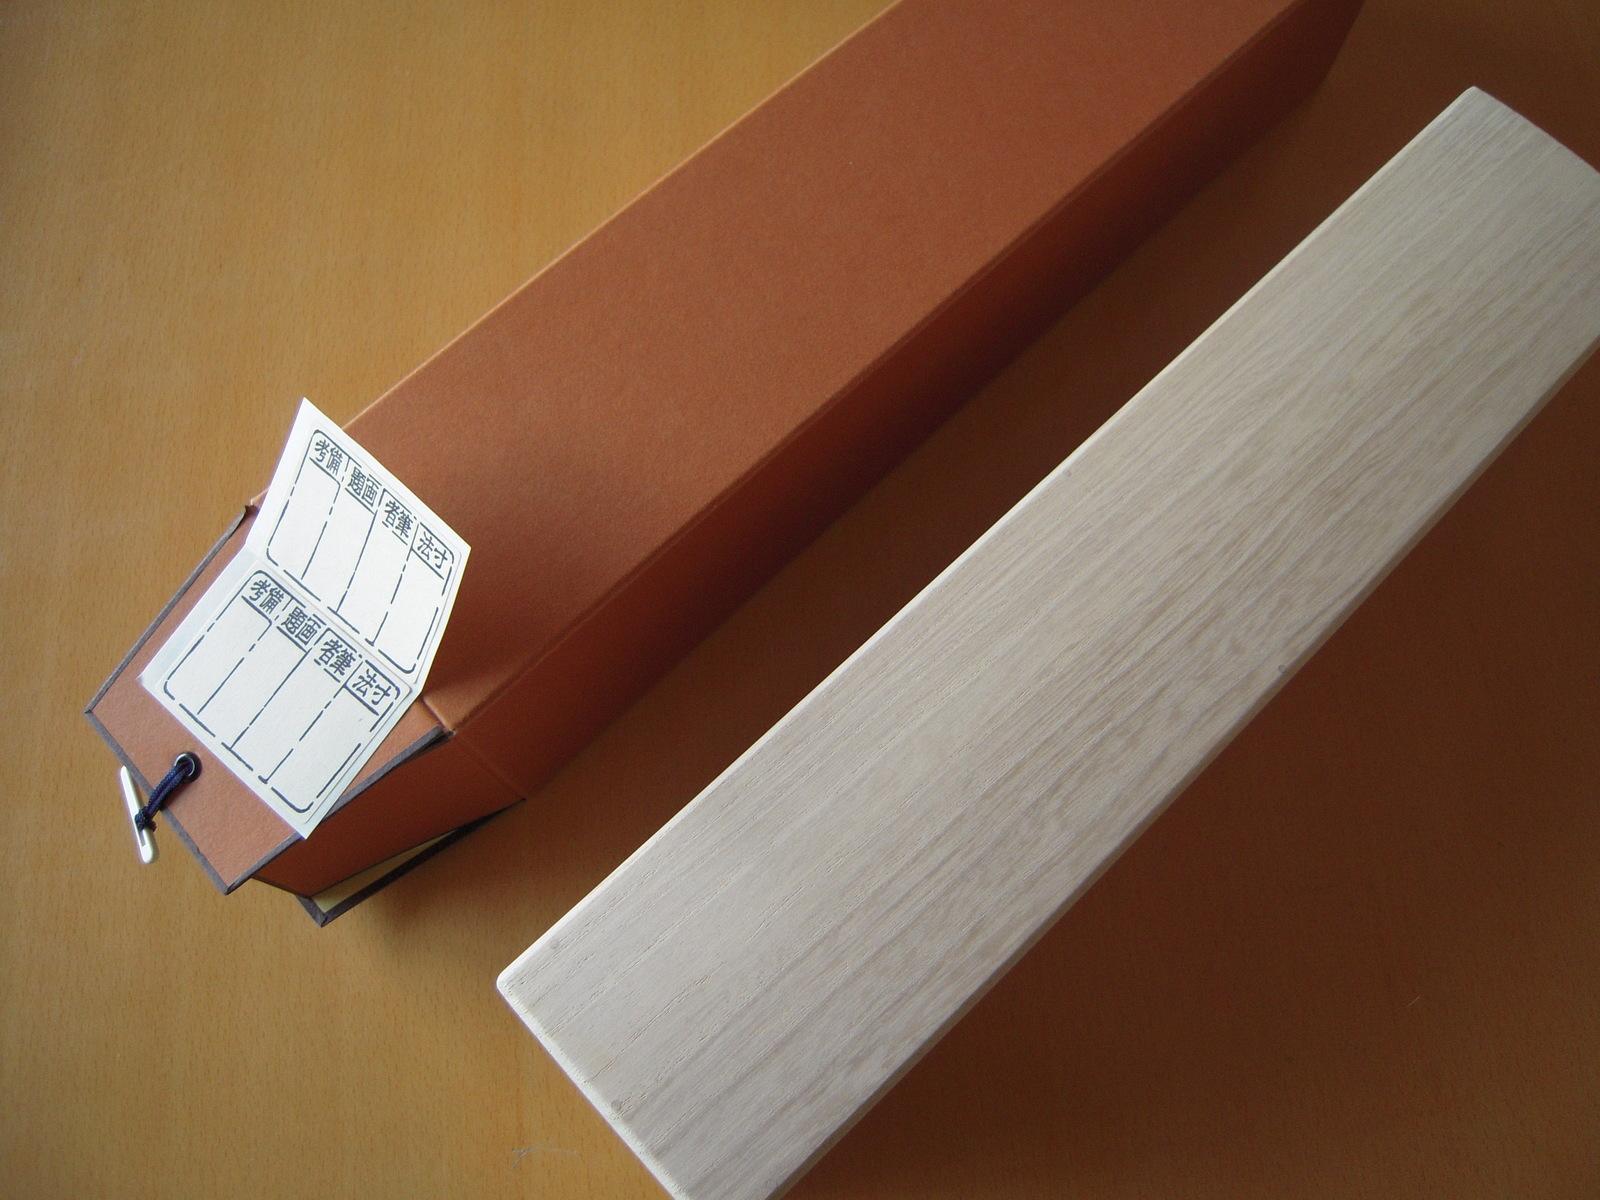 掛け軸箱 1尺8寸 D 545 W 57 H 62 未使用品 180 単品 国産 タトウ紙 桐製 収納 伝統工芸 軸箱 シール 毎日続々入荷 賞状 インテリア 虫除け 手作り